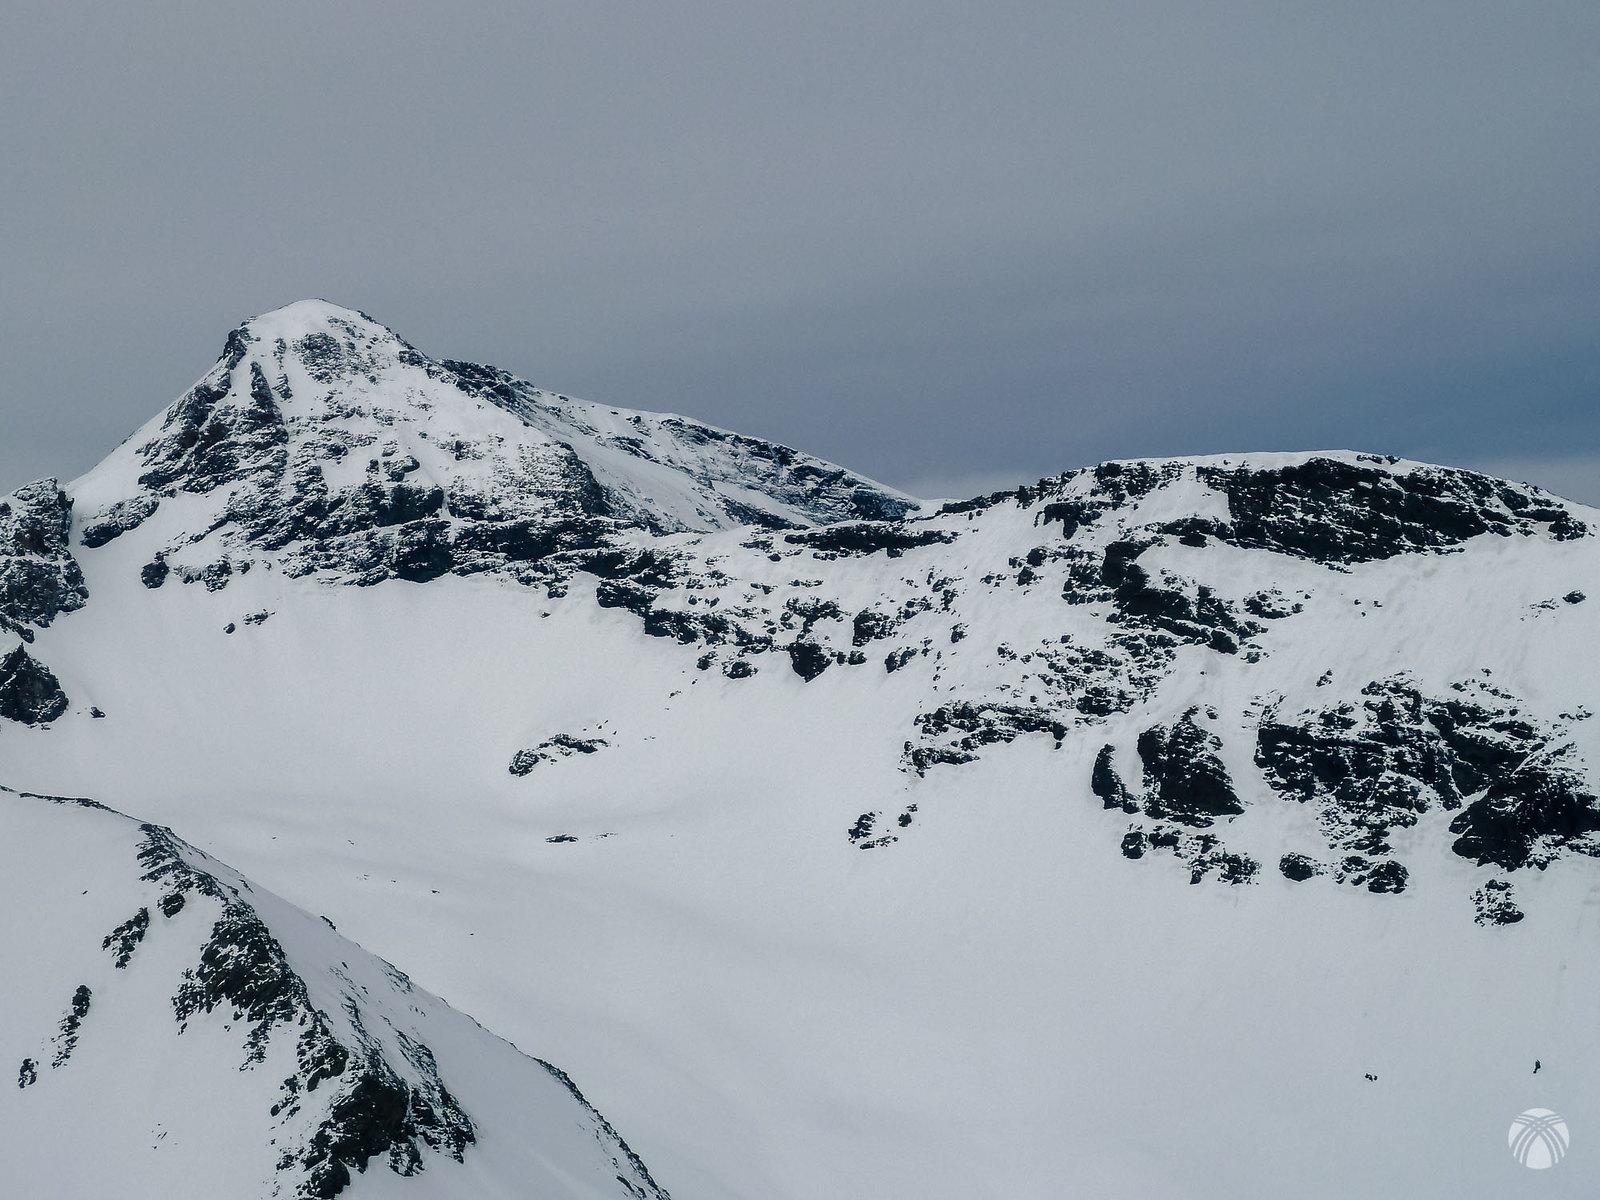 La cara este del Cerro de los Machos